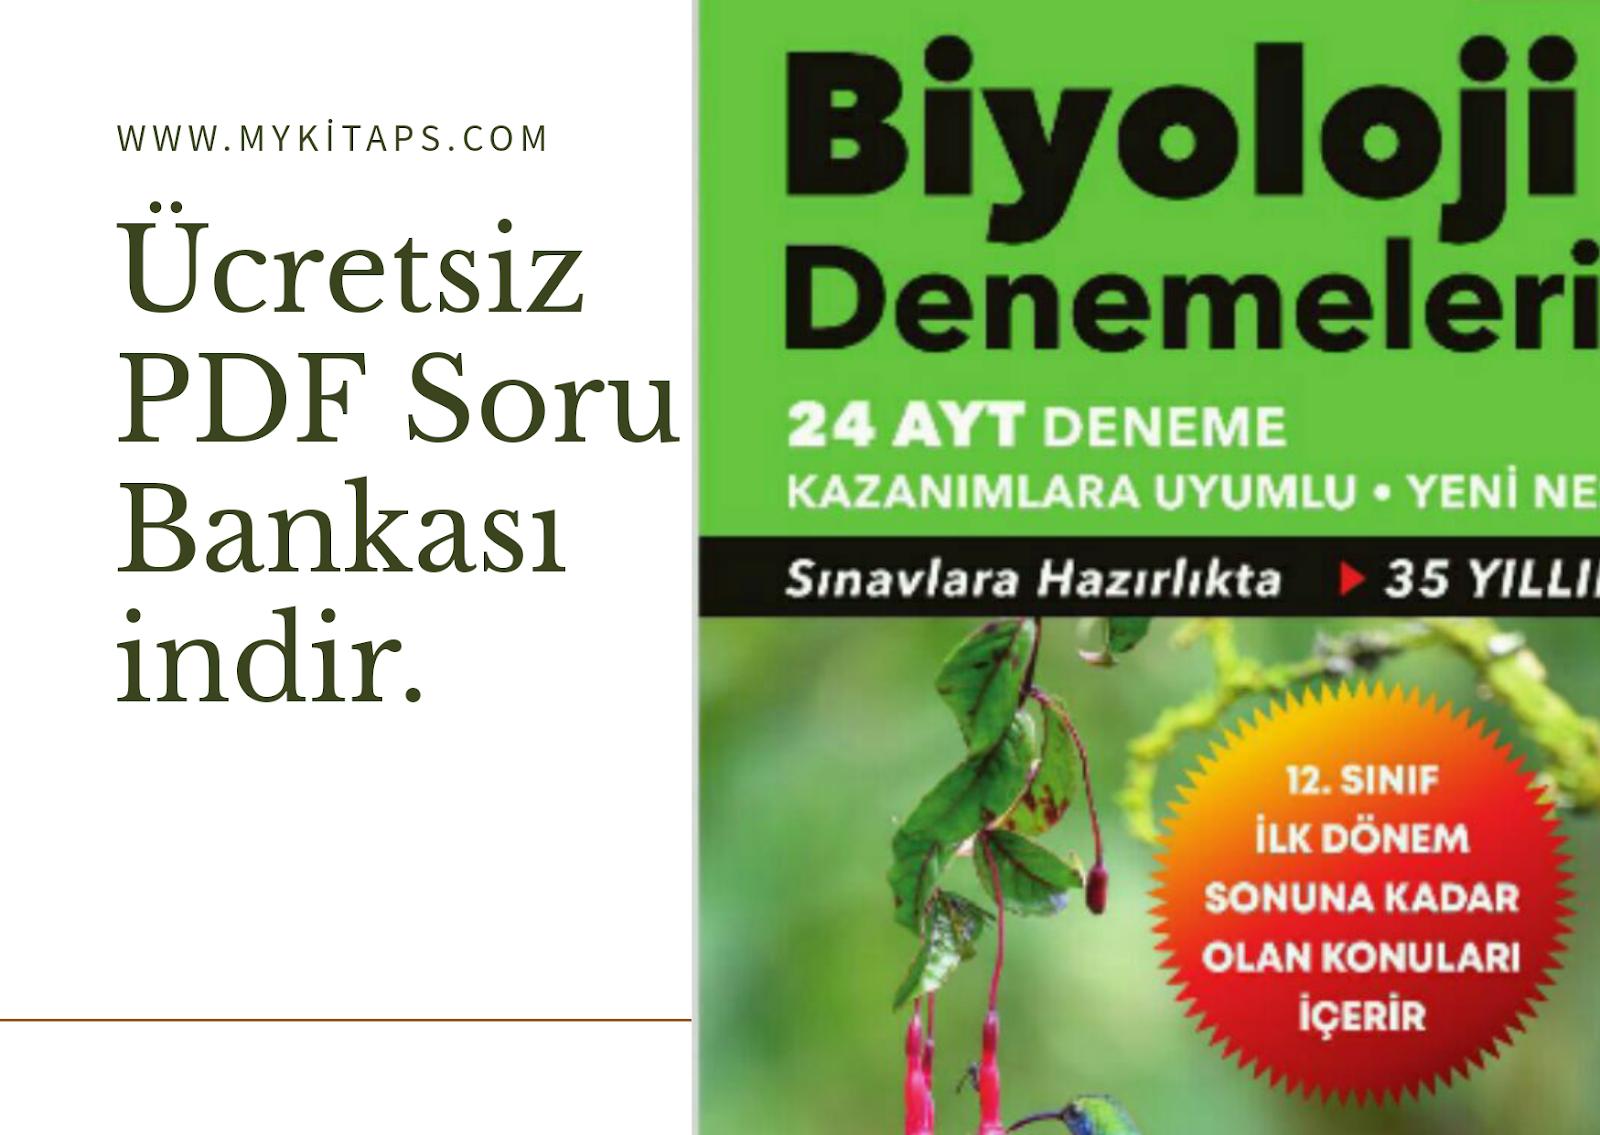 24 AYT Biyoloji Deneme PDF indir